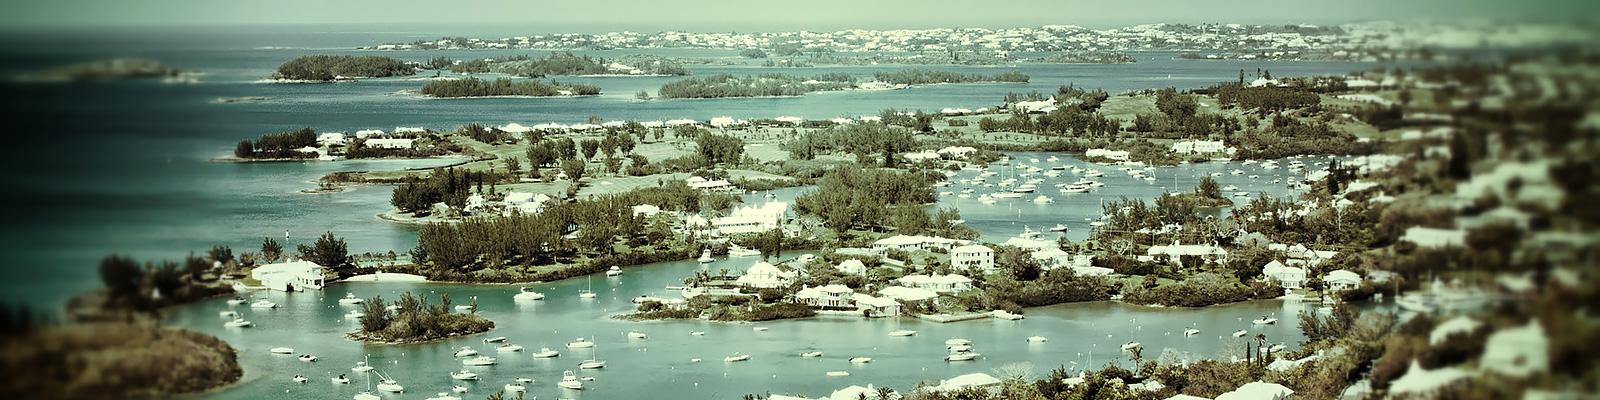 バミューダ諸島 イメージ